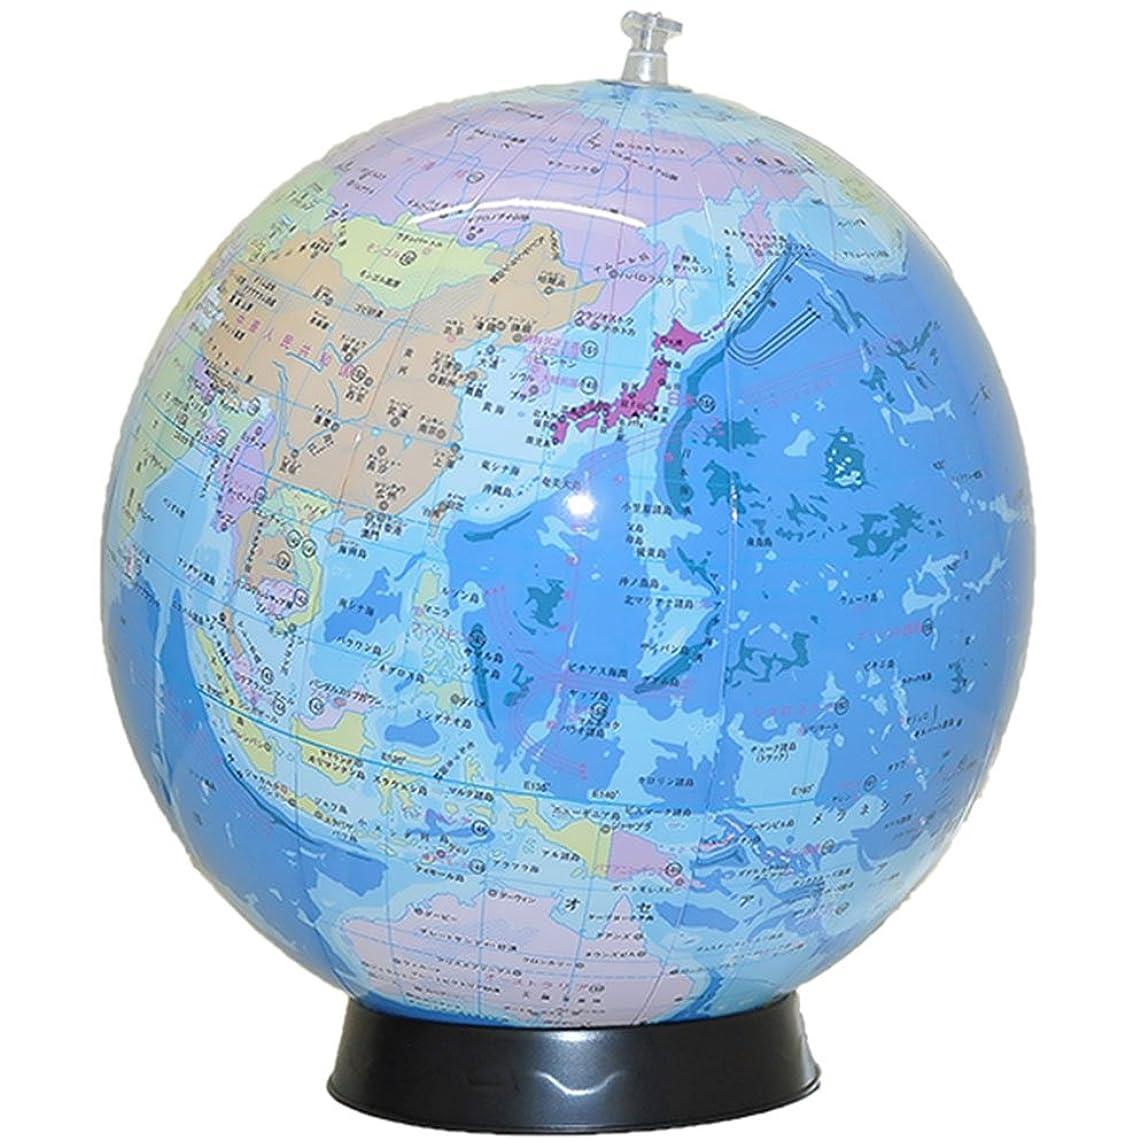 ちっちゃい不承認絶滅した置き場所に困らない 日本語表記のビーチボール地球儀 球径30cm 台座&世界の国旗ポスター付